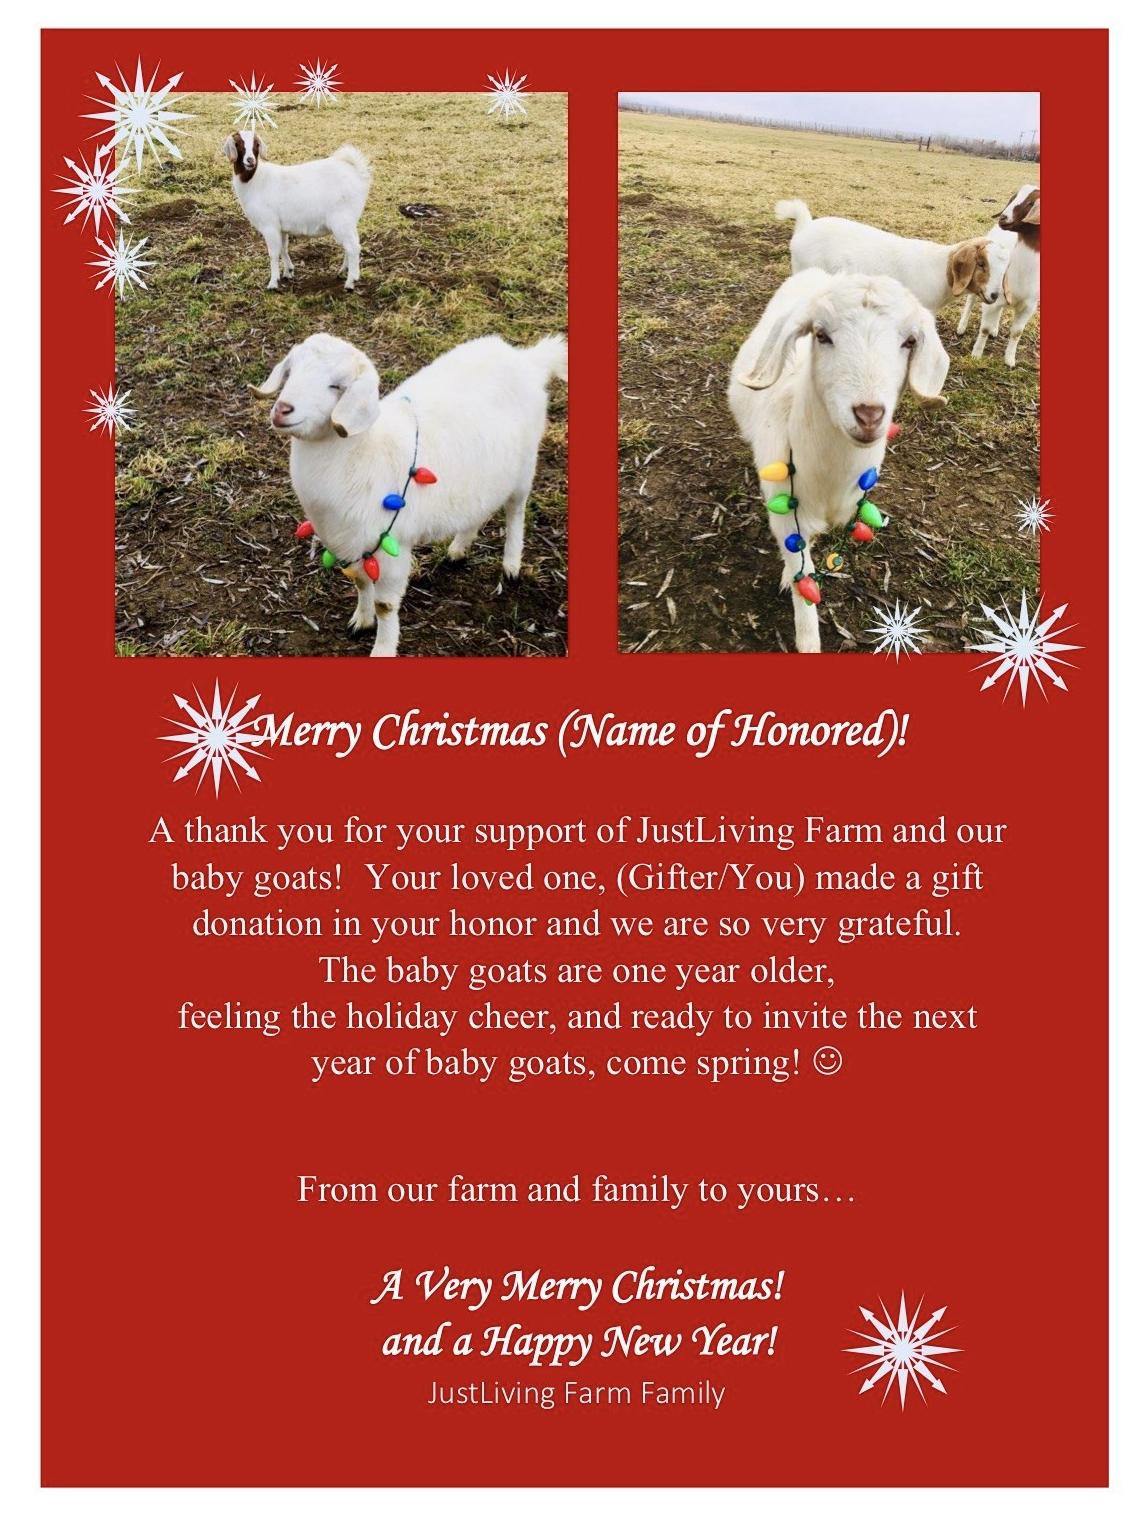 Sample Christmas Thank You Card